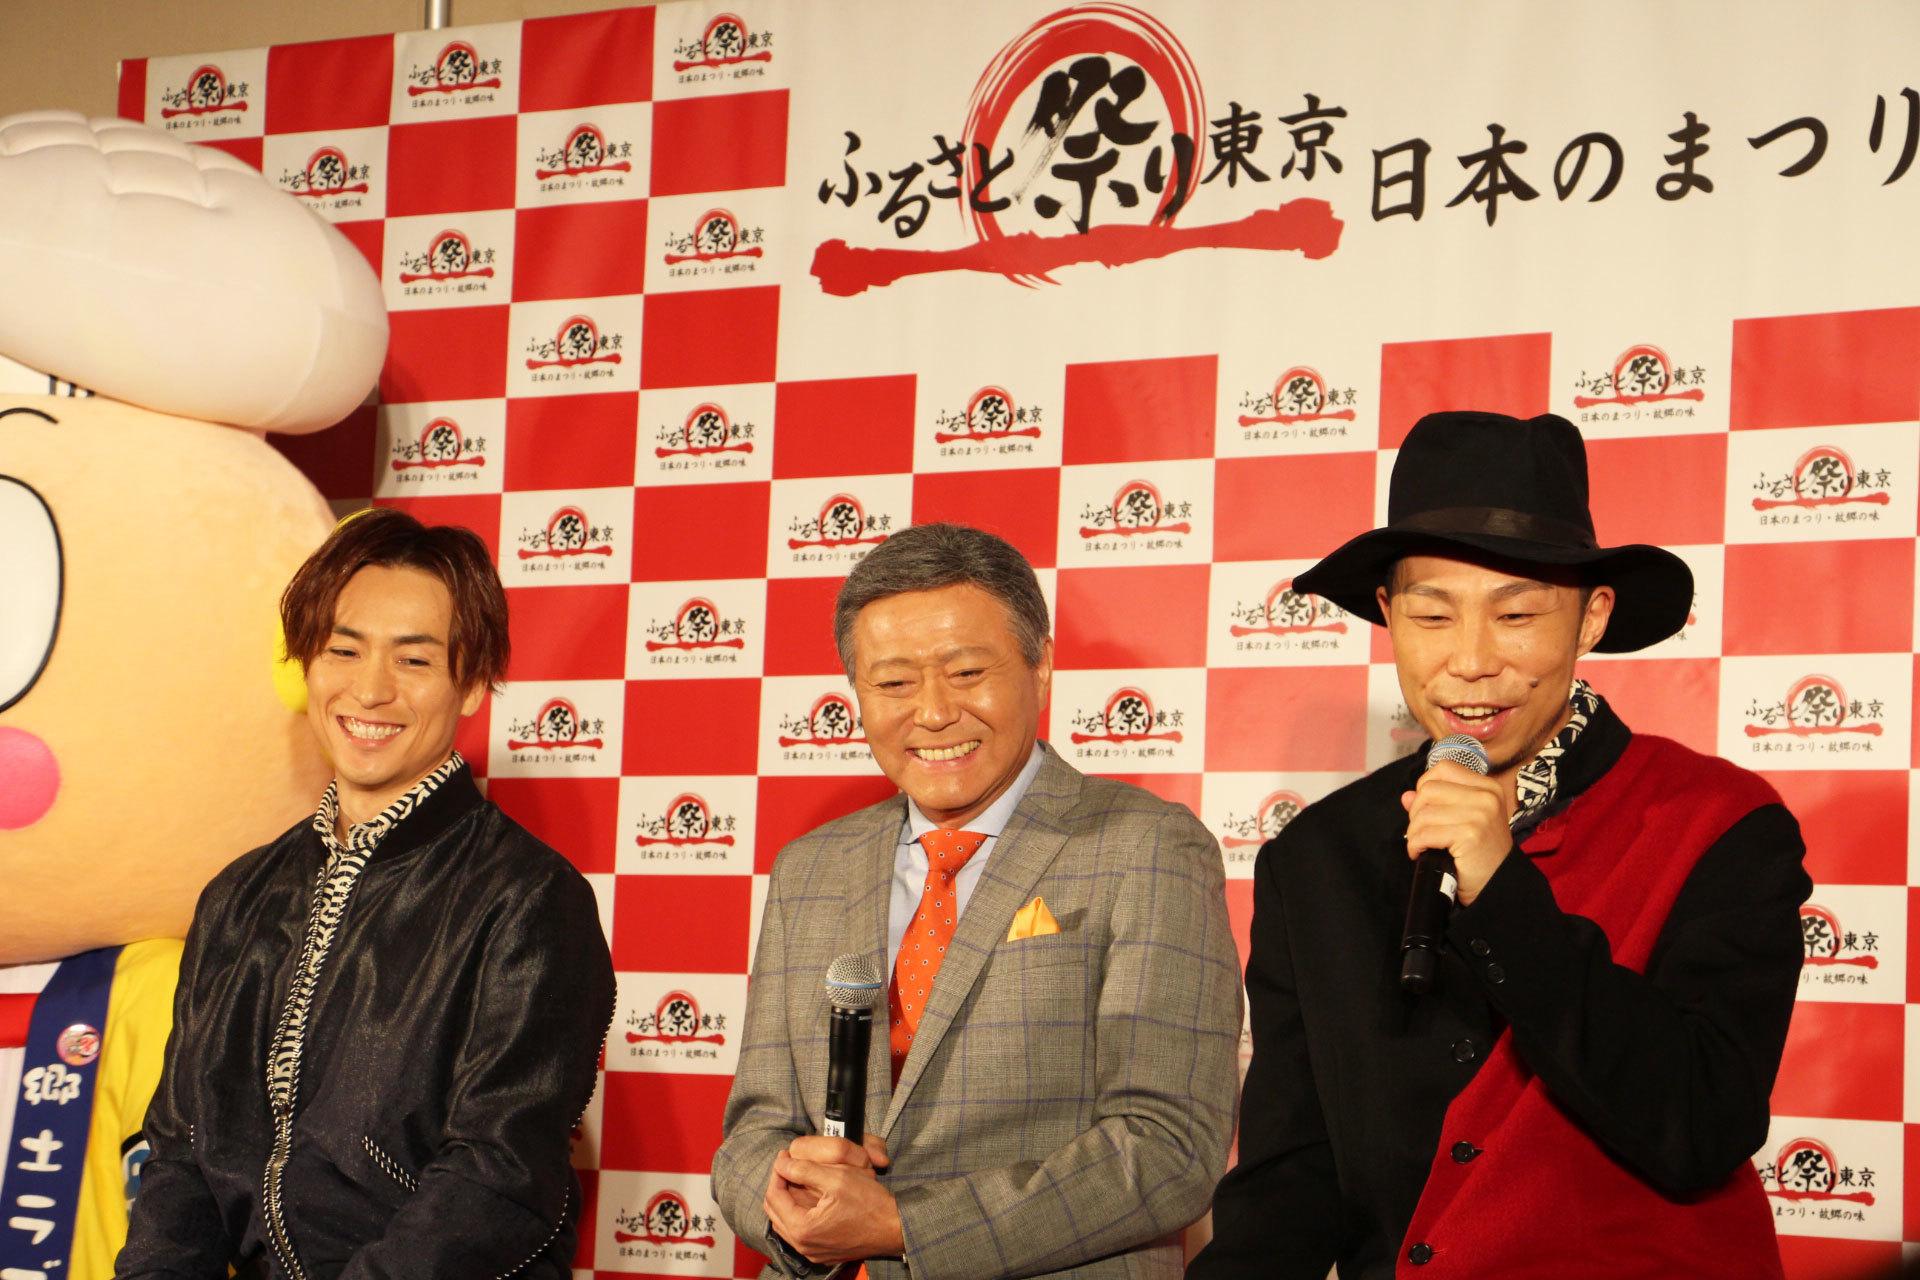 左から EXILE TETSUYA、小倉智昭、EXILE ÜSA